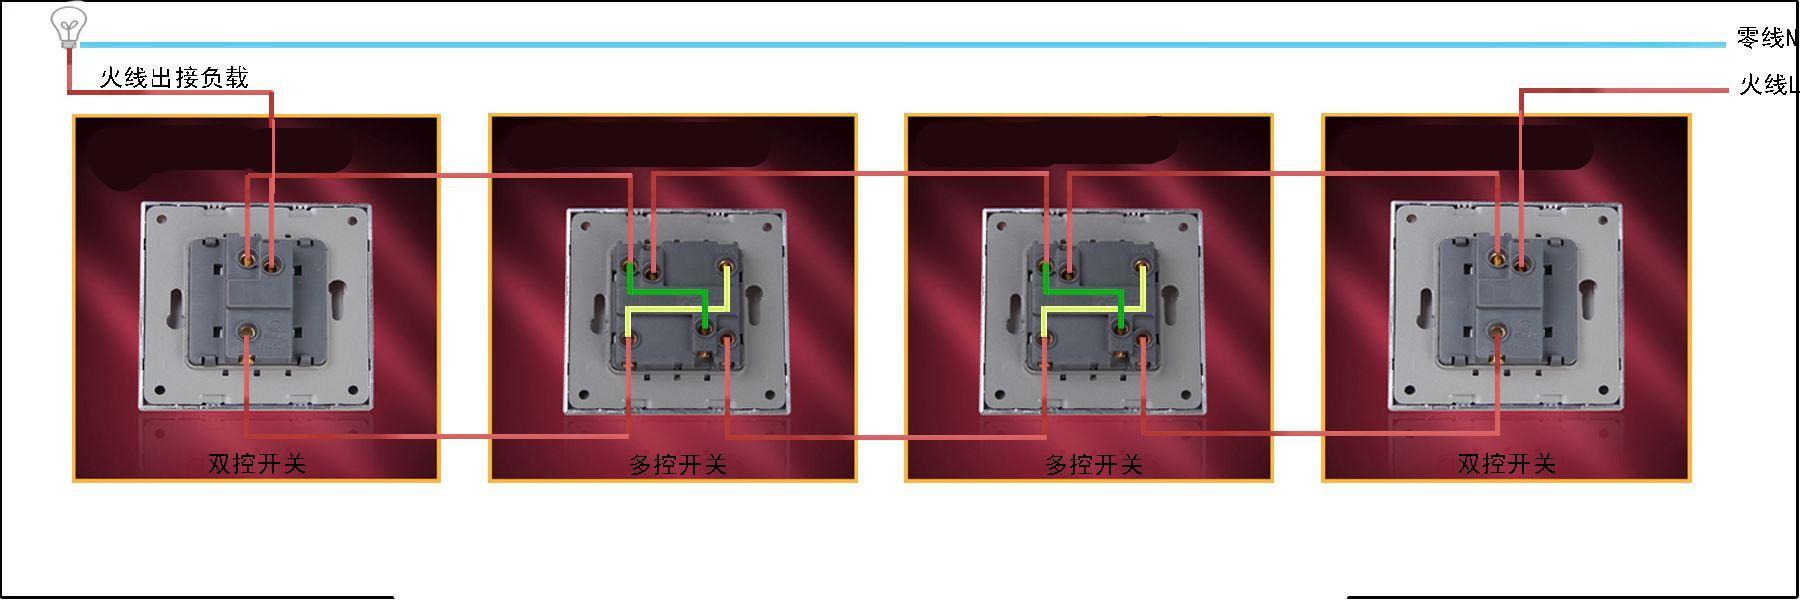 那么中间就可以增加n多个中途开关,可以实现多个开关控制一个灯的接线图片